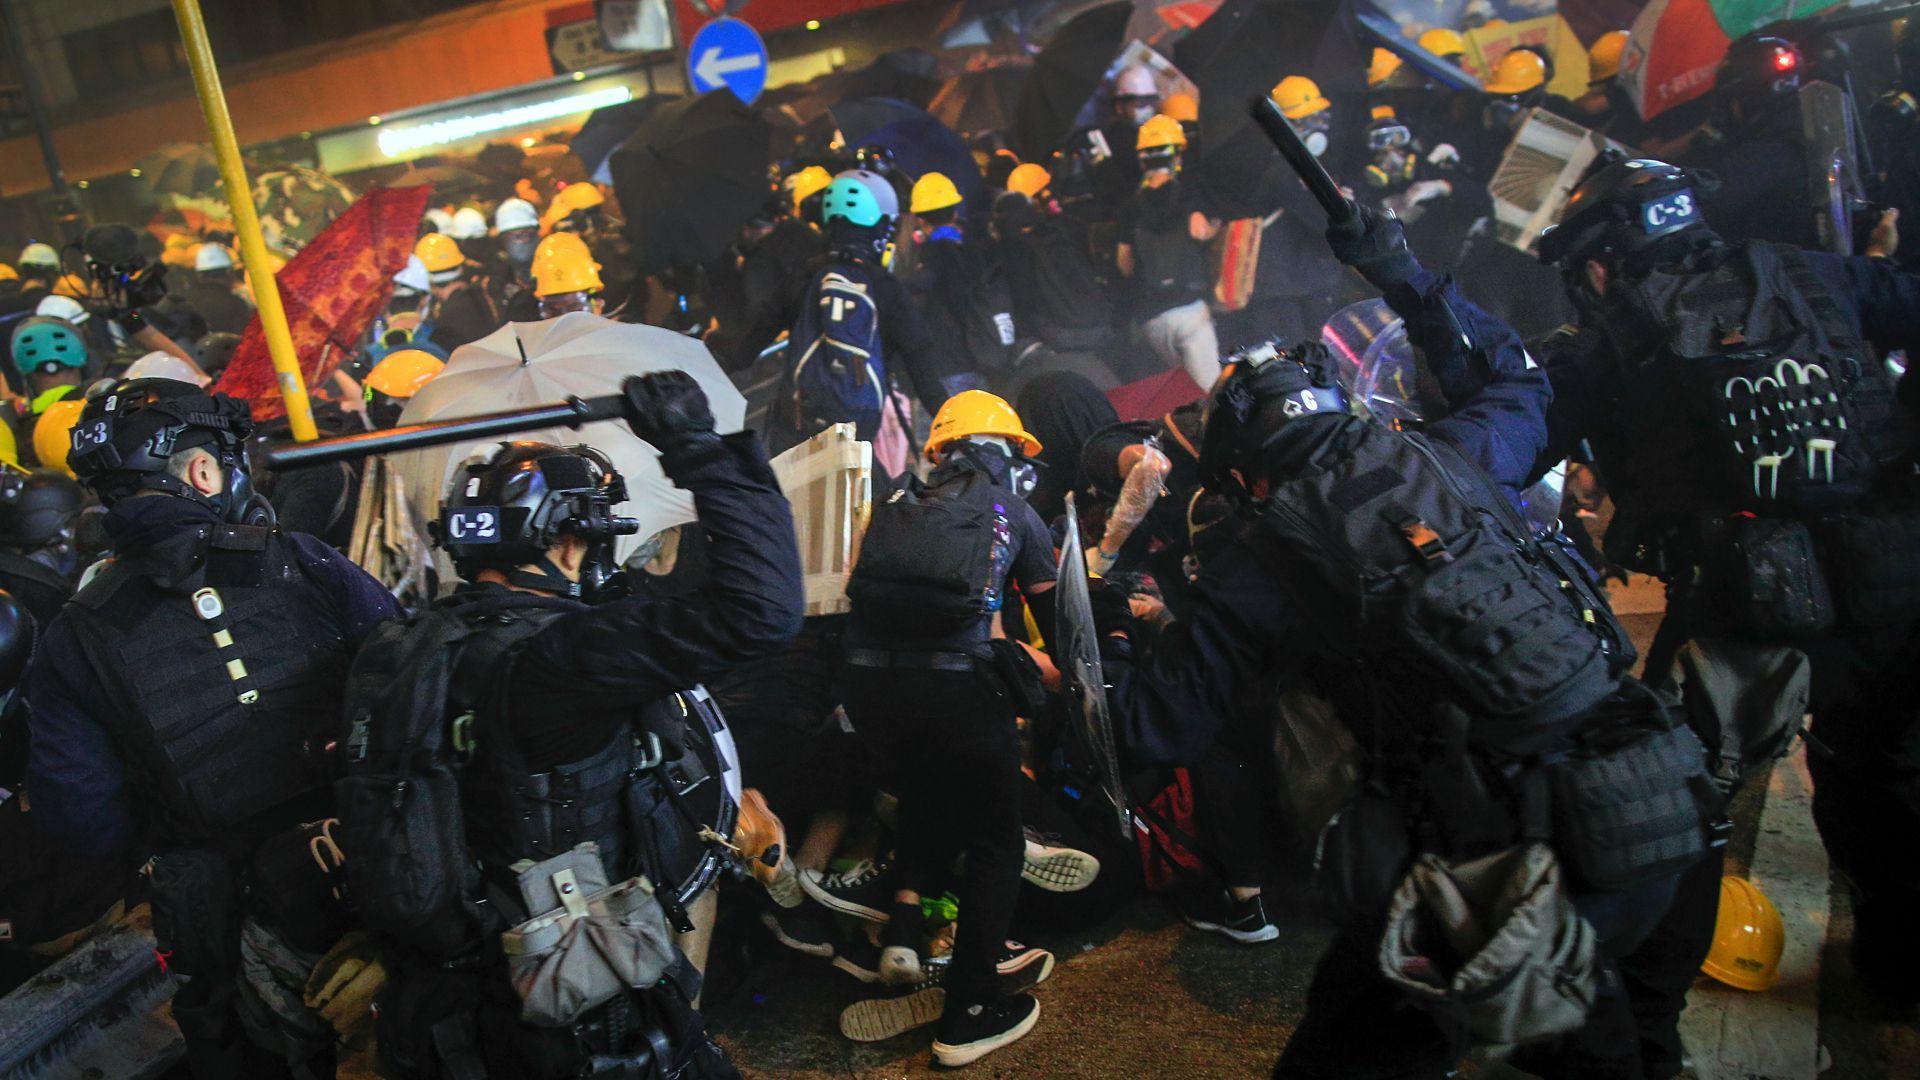 La policía reprime a los manifestantes. (AP)